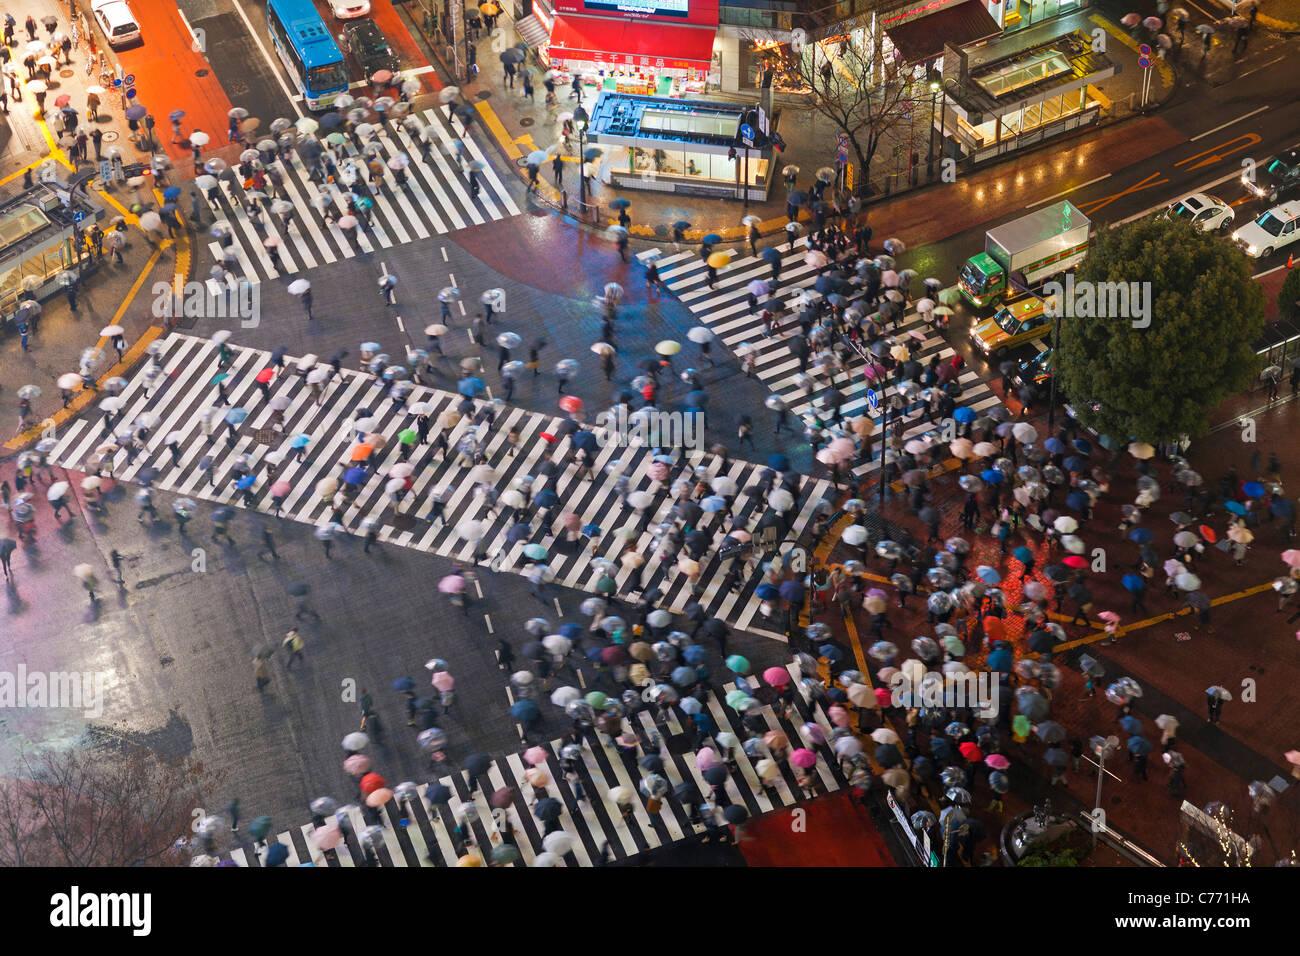 L'Asie, Japon, Tokyo, Shibuya, Shibuya Crossing - des foules de personnes traversant le fameux passages pour Photo Stock